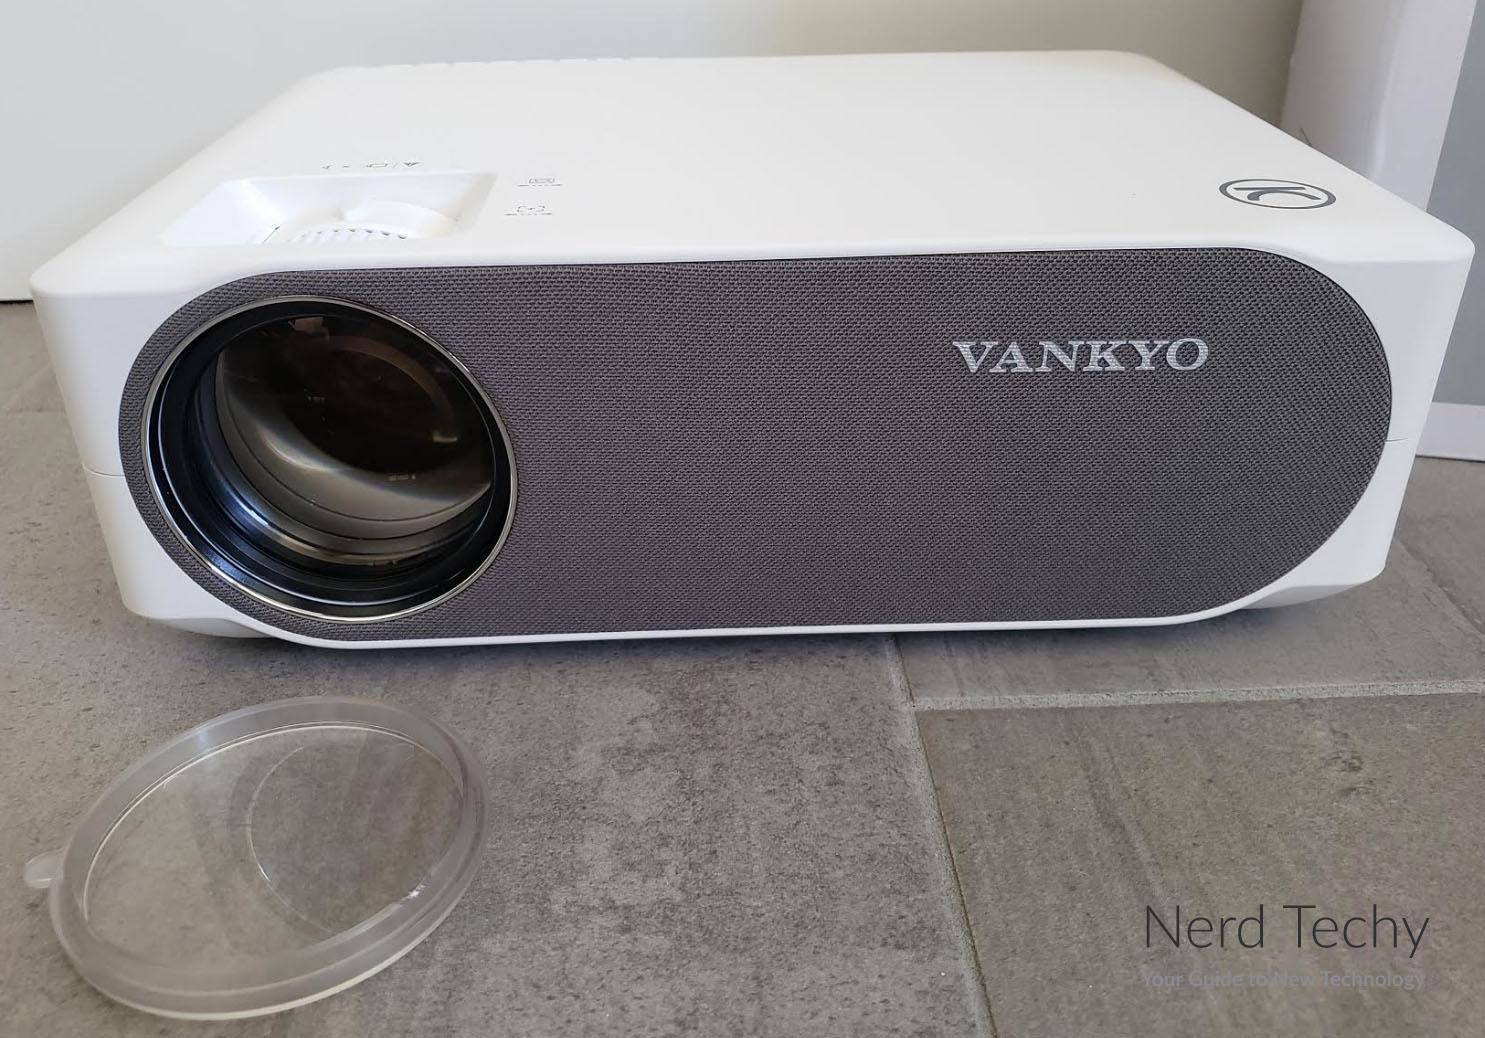 Vankyo-V630